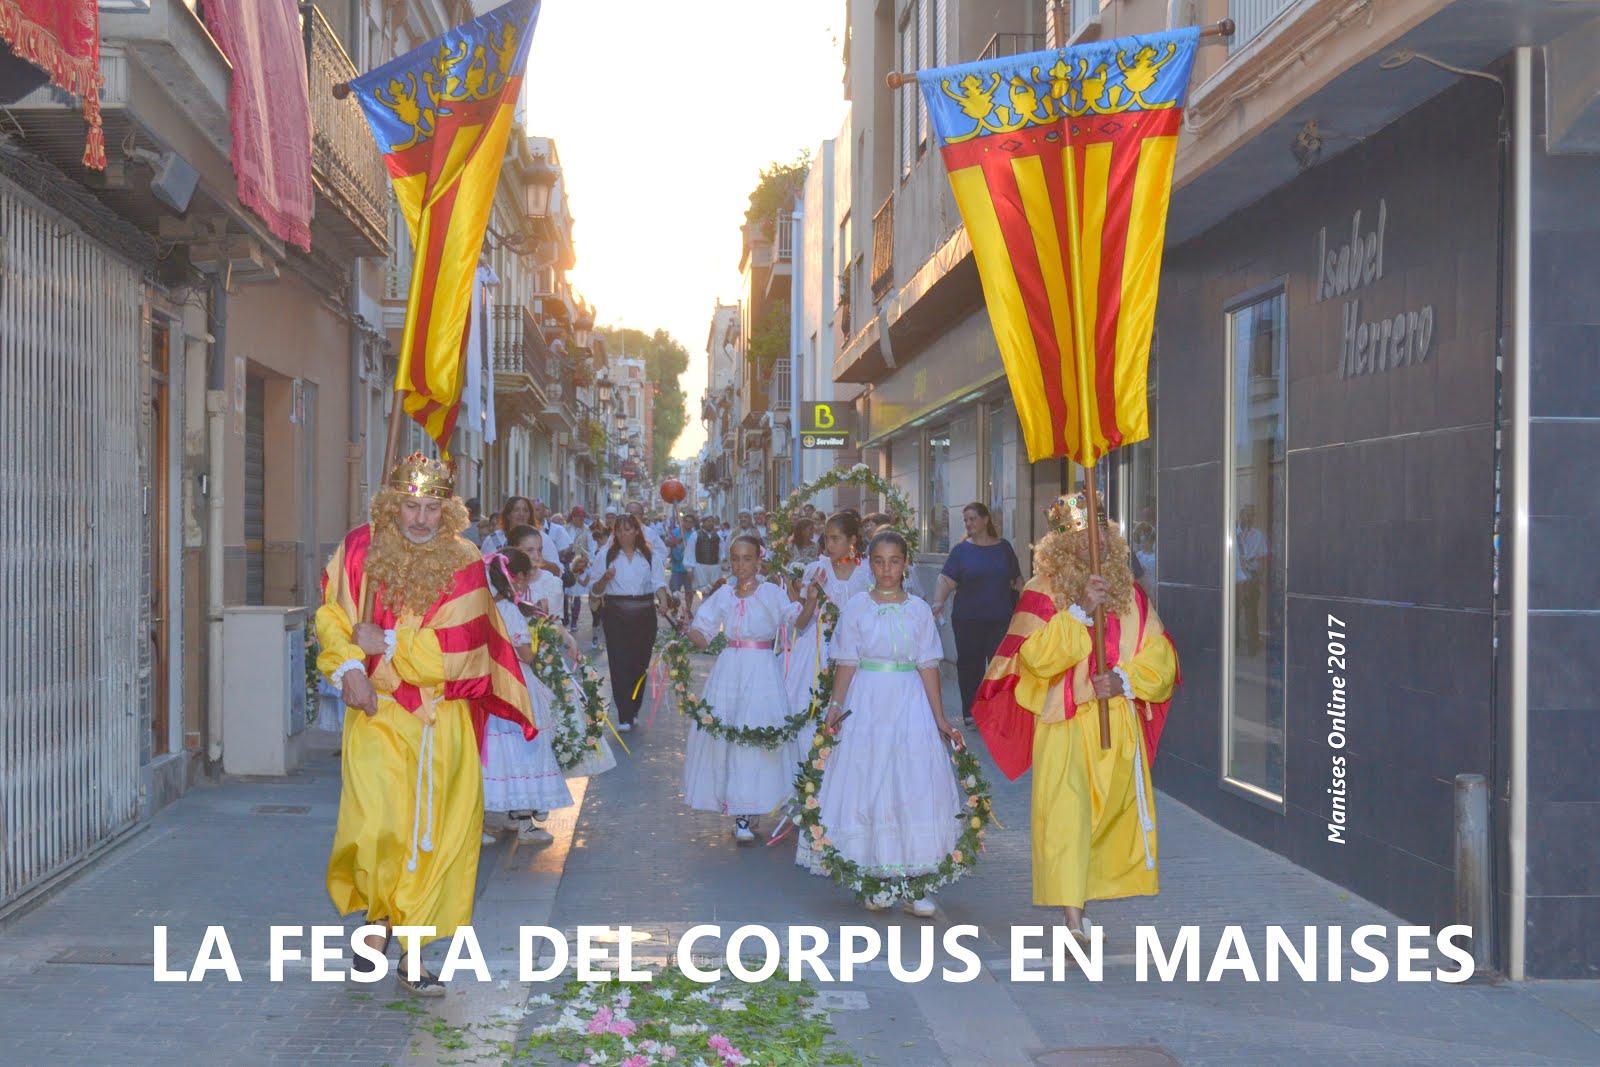 18.06.17 LA FESTA DEL CORPUS EN MANISES, UNA TRADICIO DE SEGLES